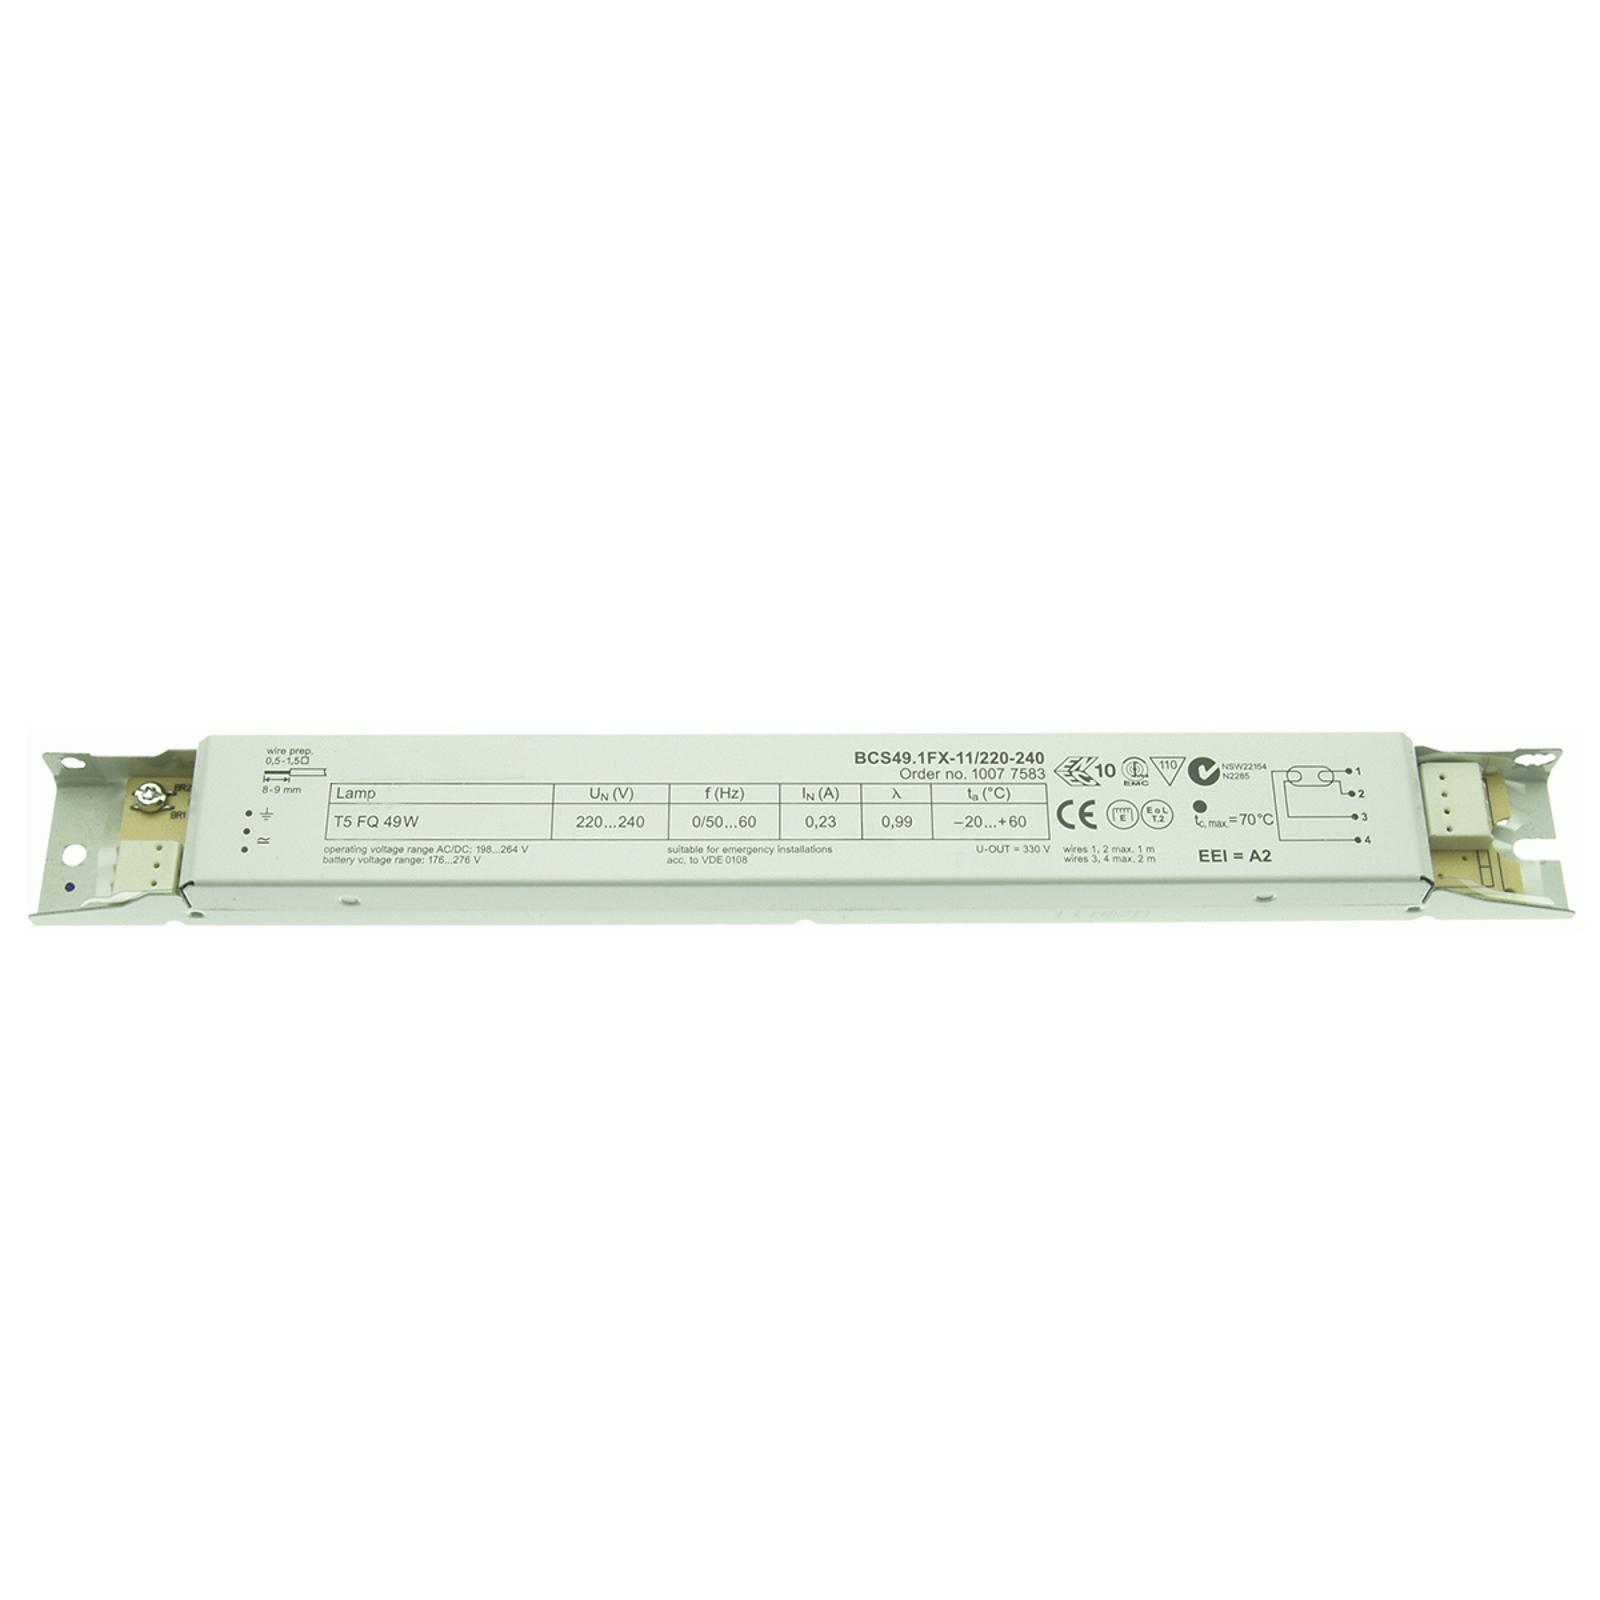 EVG BCS49.1FX-11/220-240 1 x 49 W T5